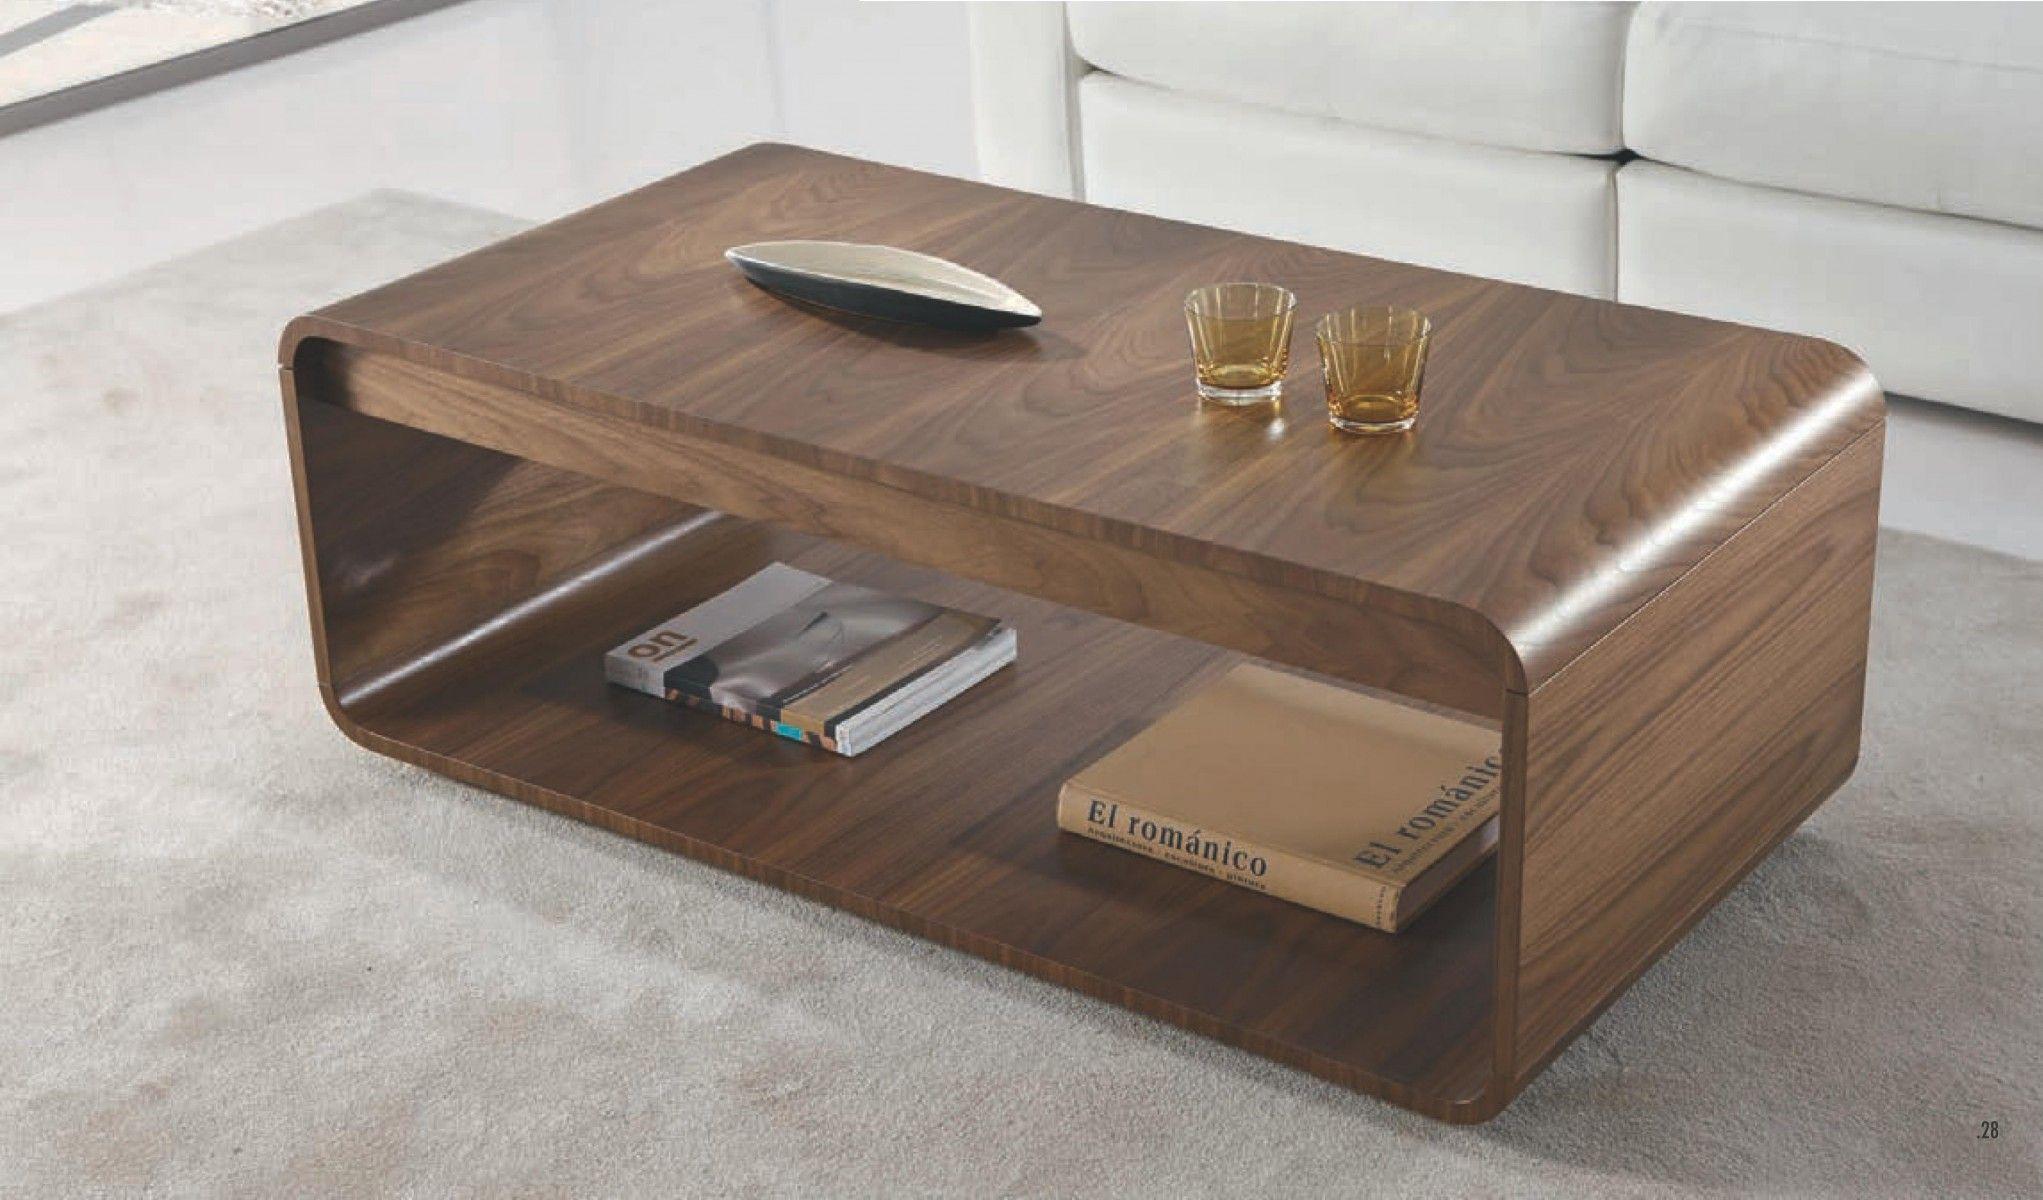 Mesa centro moderna elevable lacado madera dise o 194 148 for Diseno de muebles de madera gratis